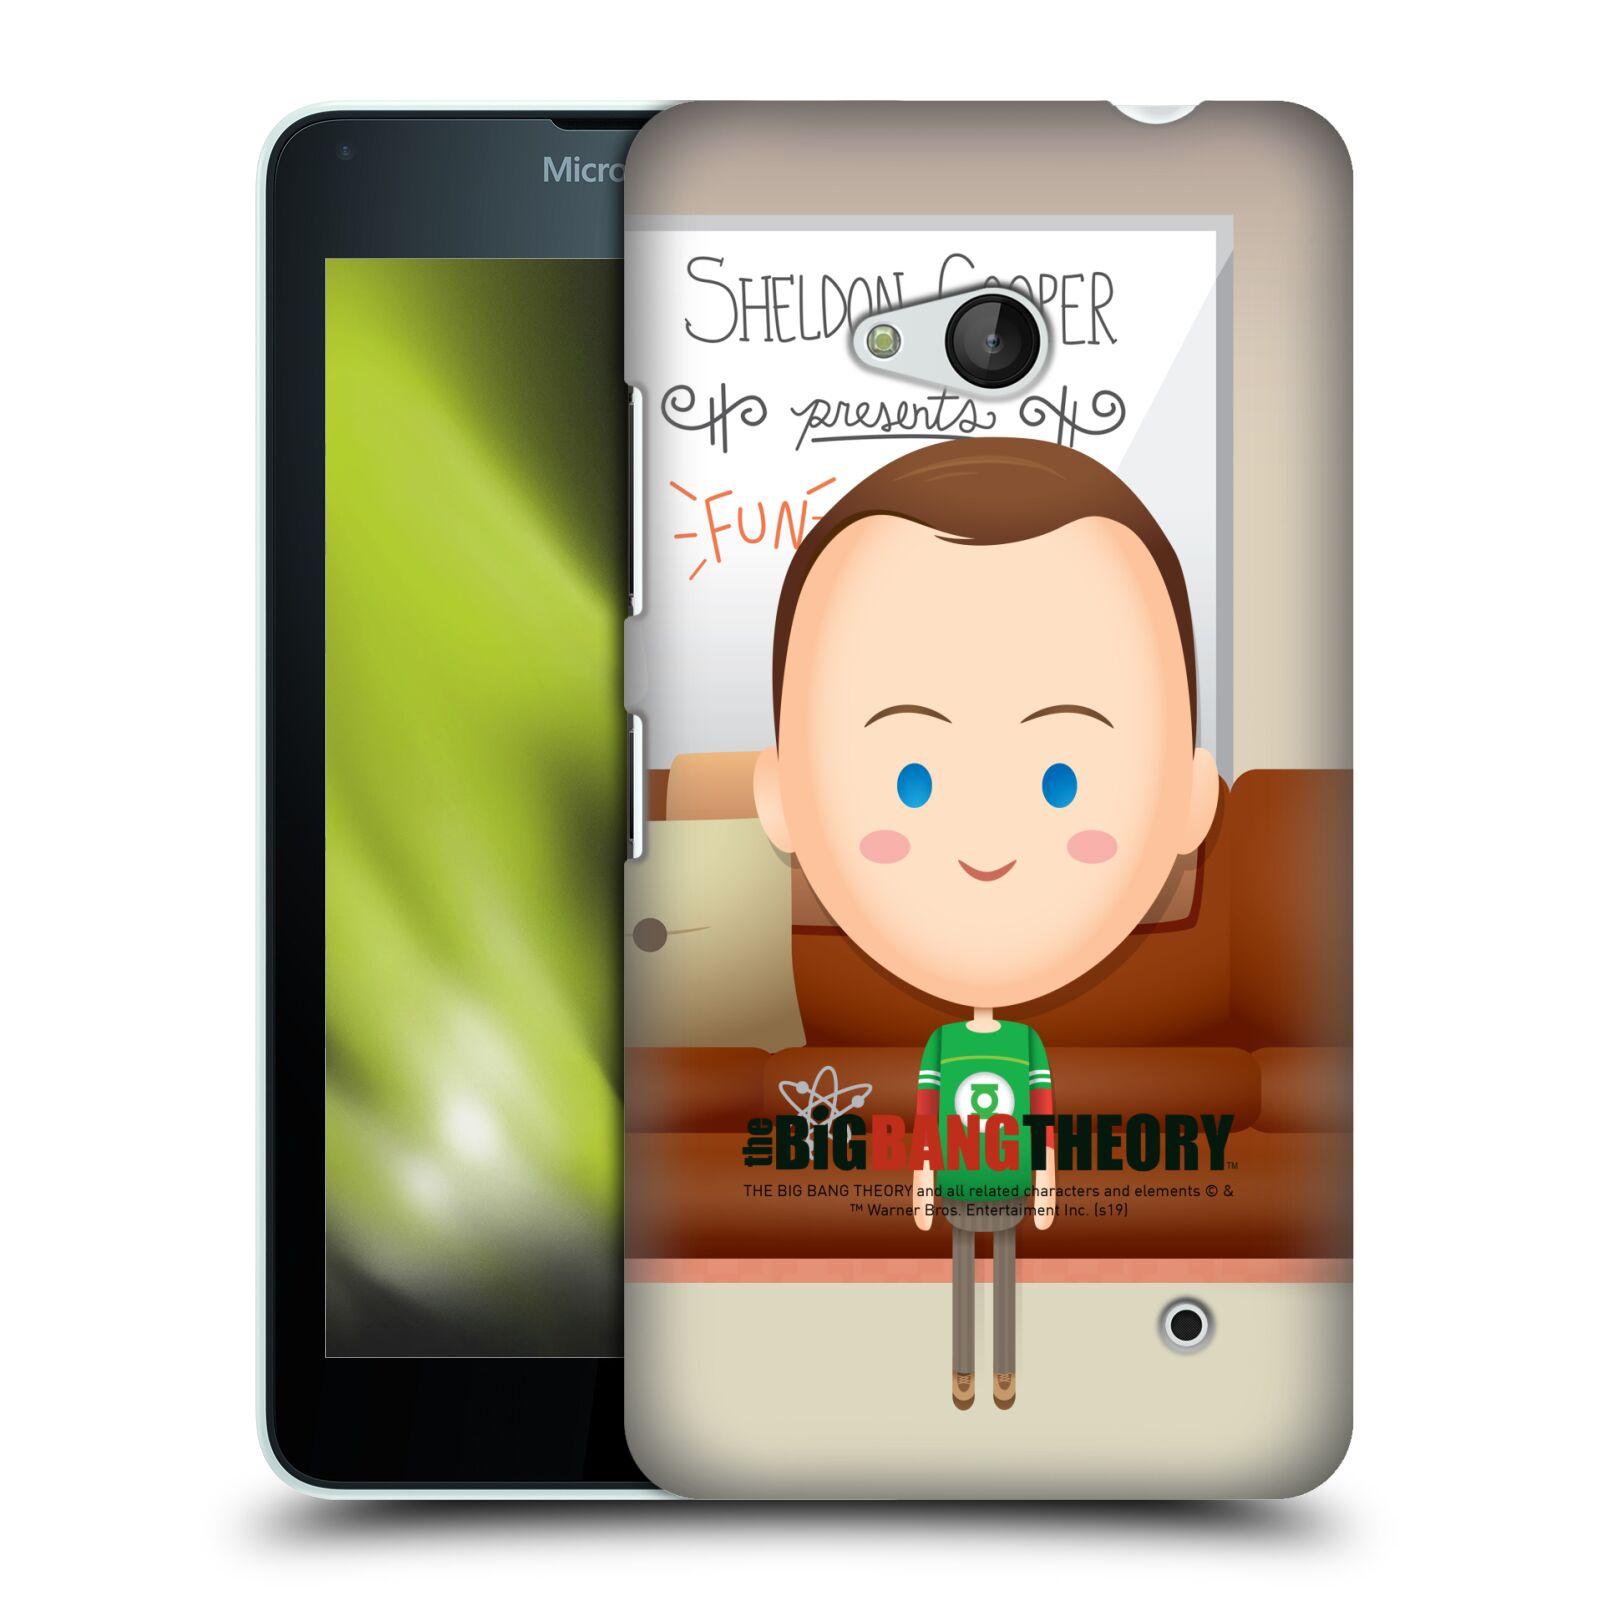 Pouzdro na mobil Microsoft Lumia 640 / 640 DUAL SIM - HEAD CASE - Big Bang Theory - kreslený Sheldon